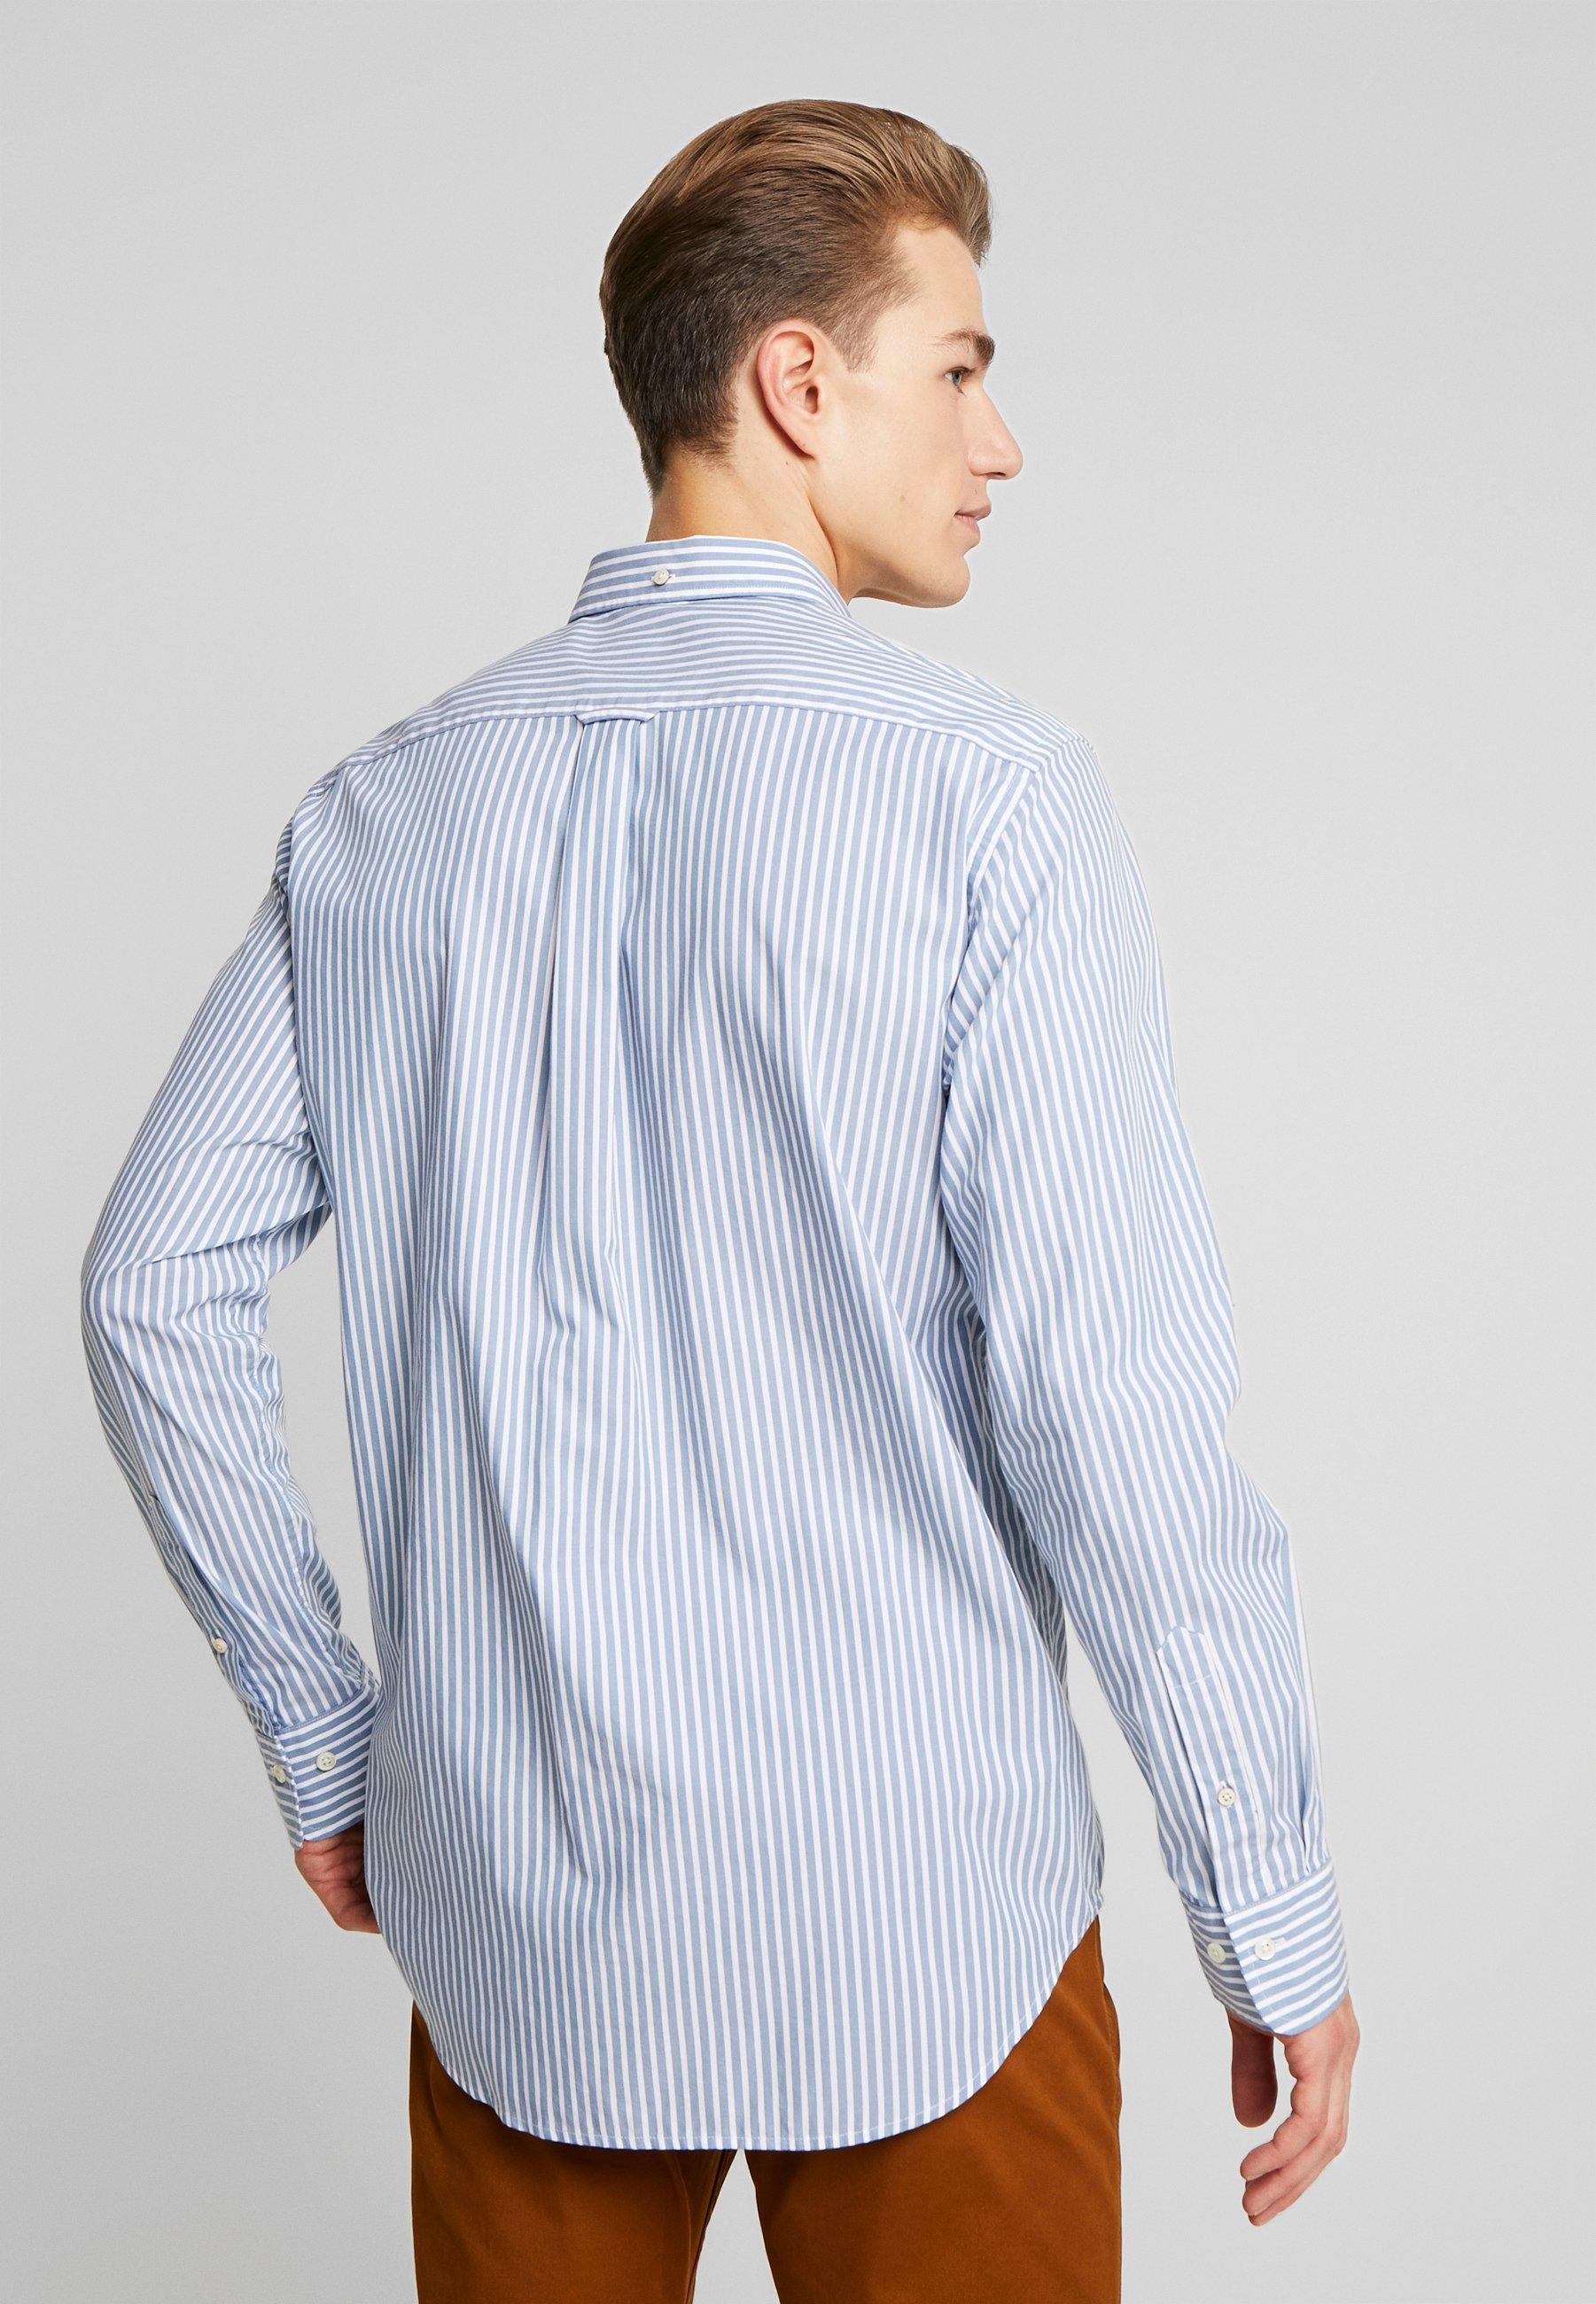 Gant Skjorter - Atlantic Blue